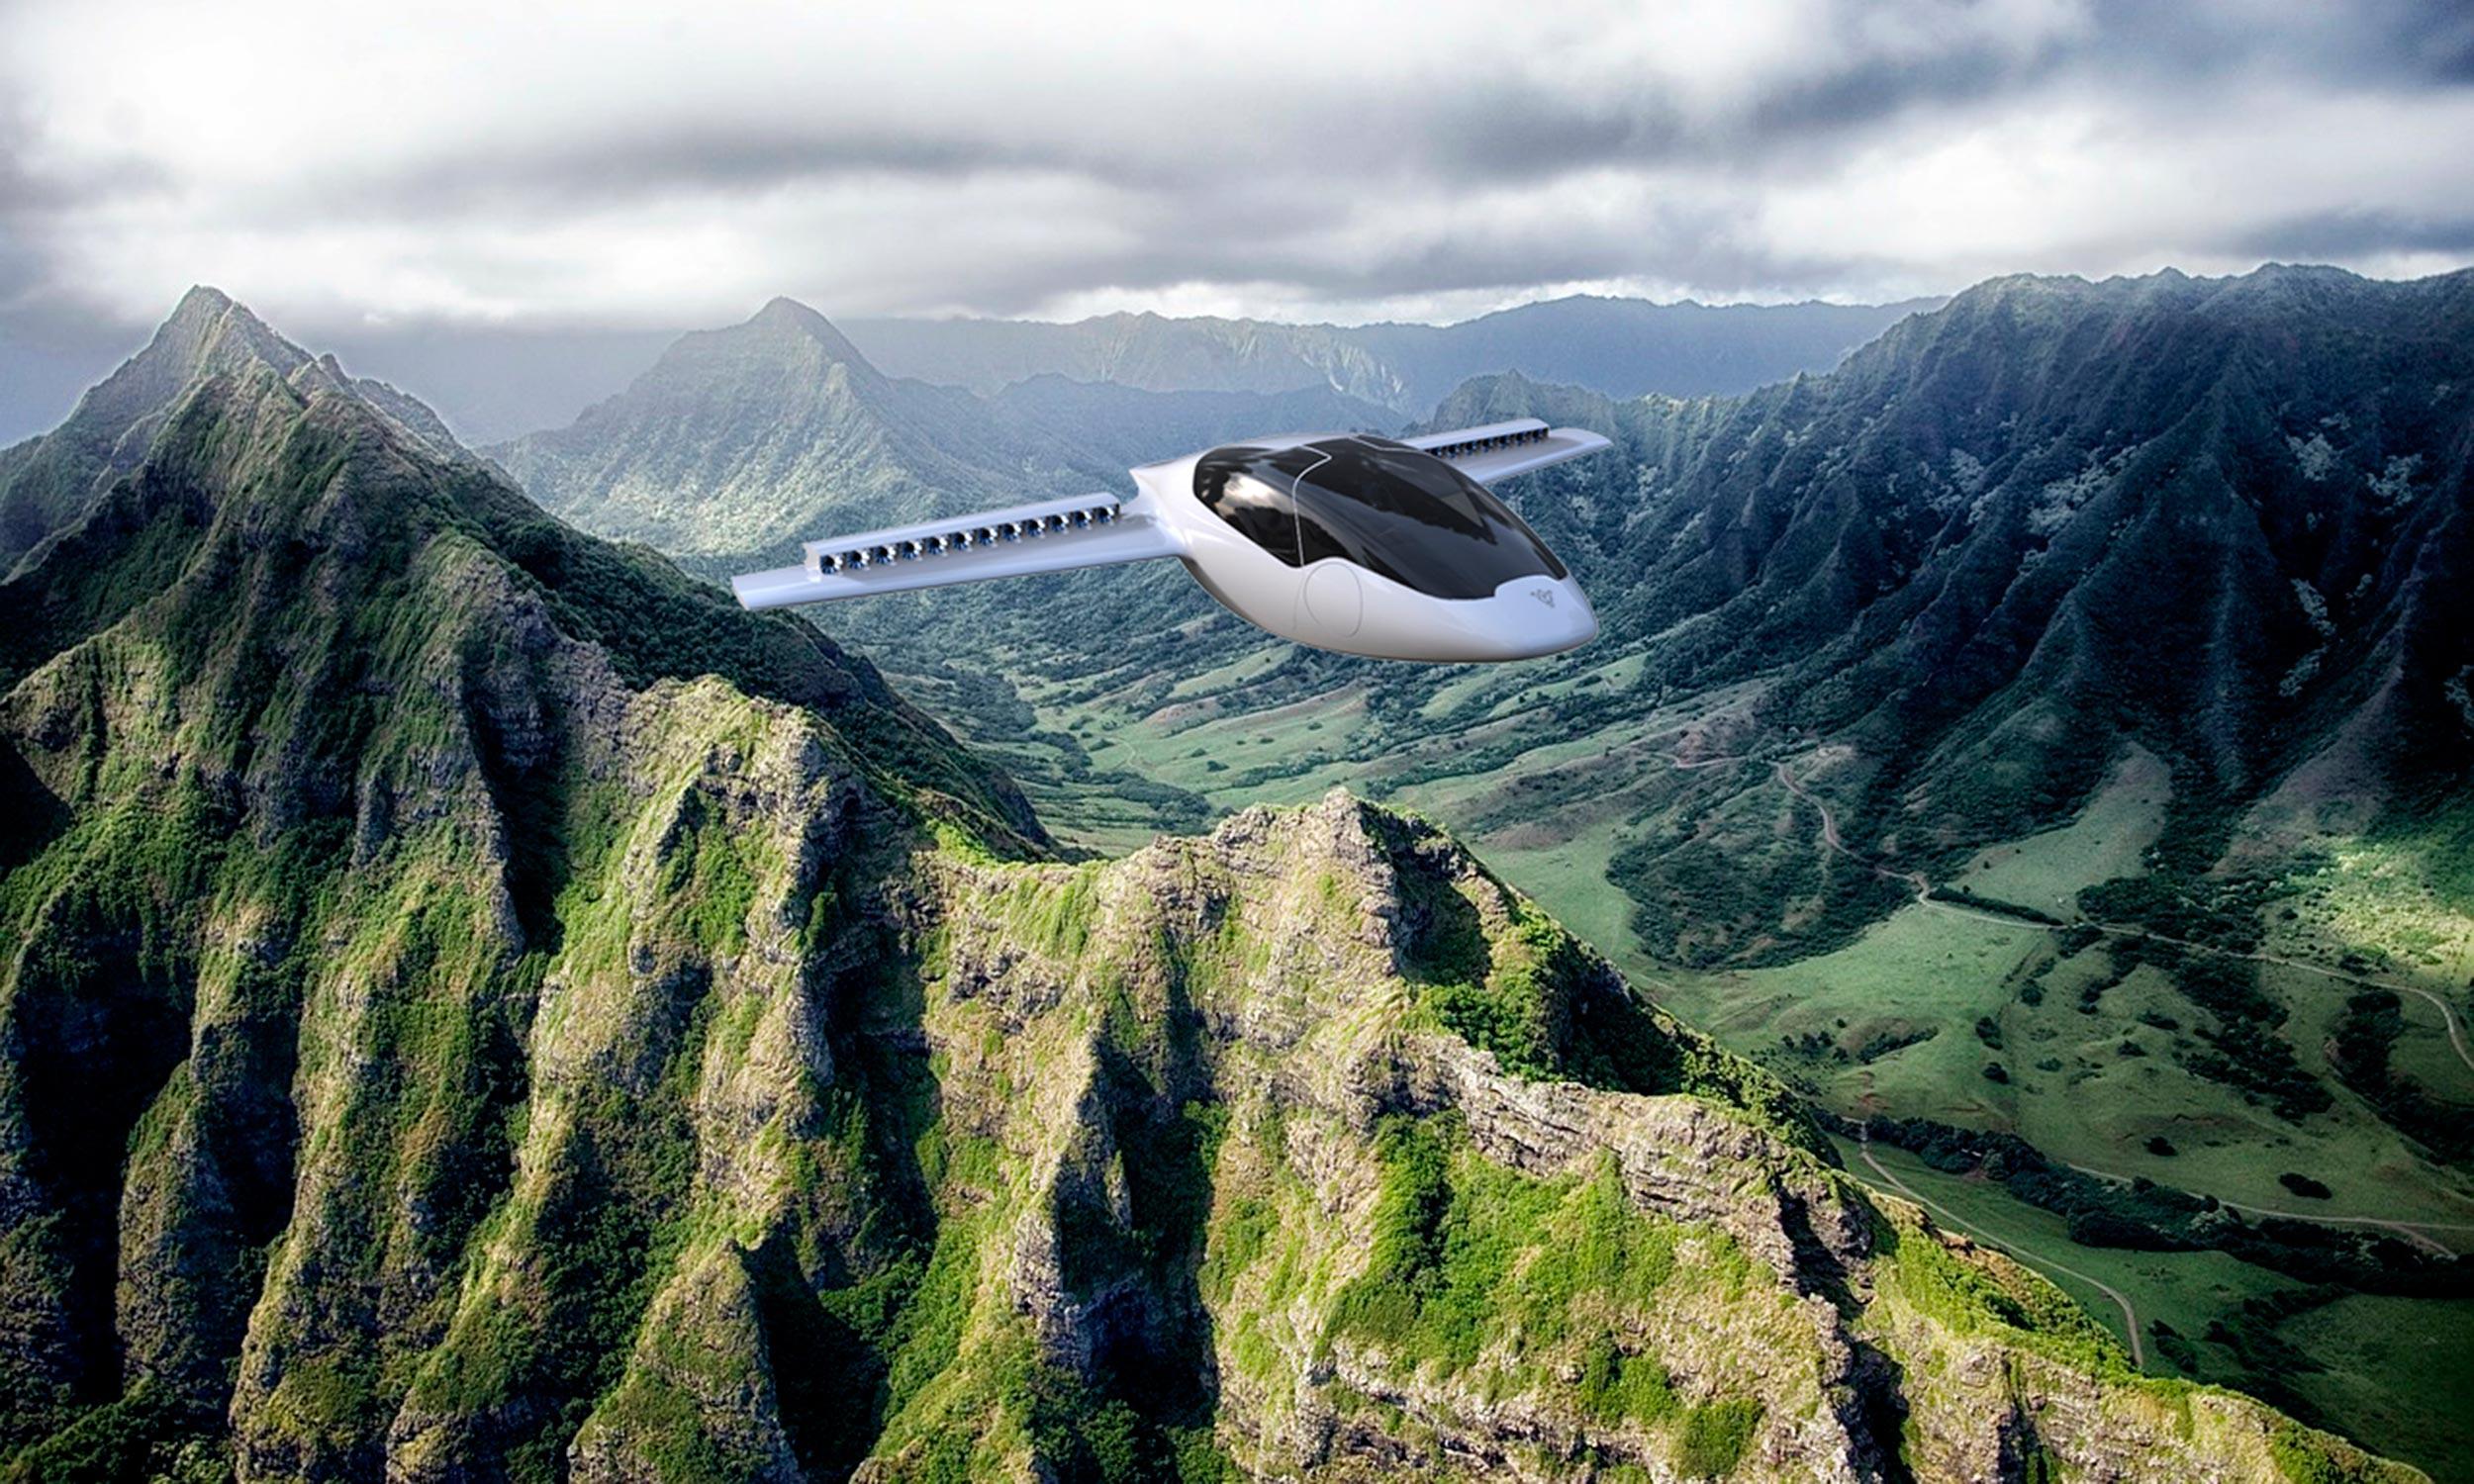 Cơ quan Hàng không Vũ trụ châu Âu (ESA) sắp ra mặt một mẫu máy bay mới, cho phép giấc mơ chuyên cơ của nhiều người trở thành hiện thực. Ảnh: ESA